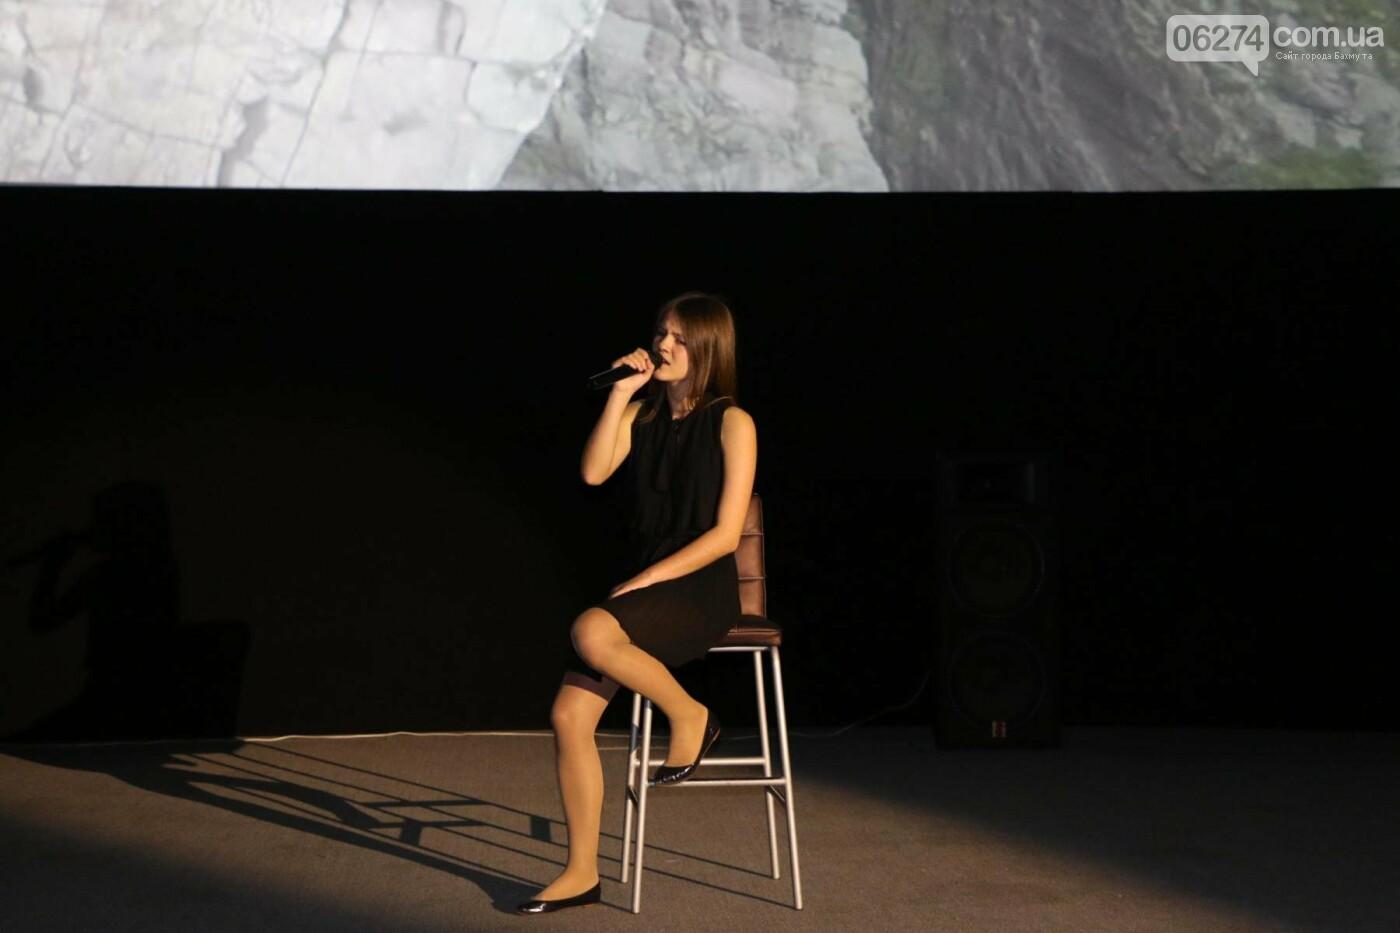 В Бахмуте прошел отчетный концерт образцового ансамбля танца «Непоседы» (ФОТОРЕПОРТАЖ), фото-25